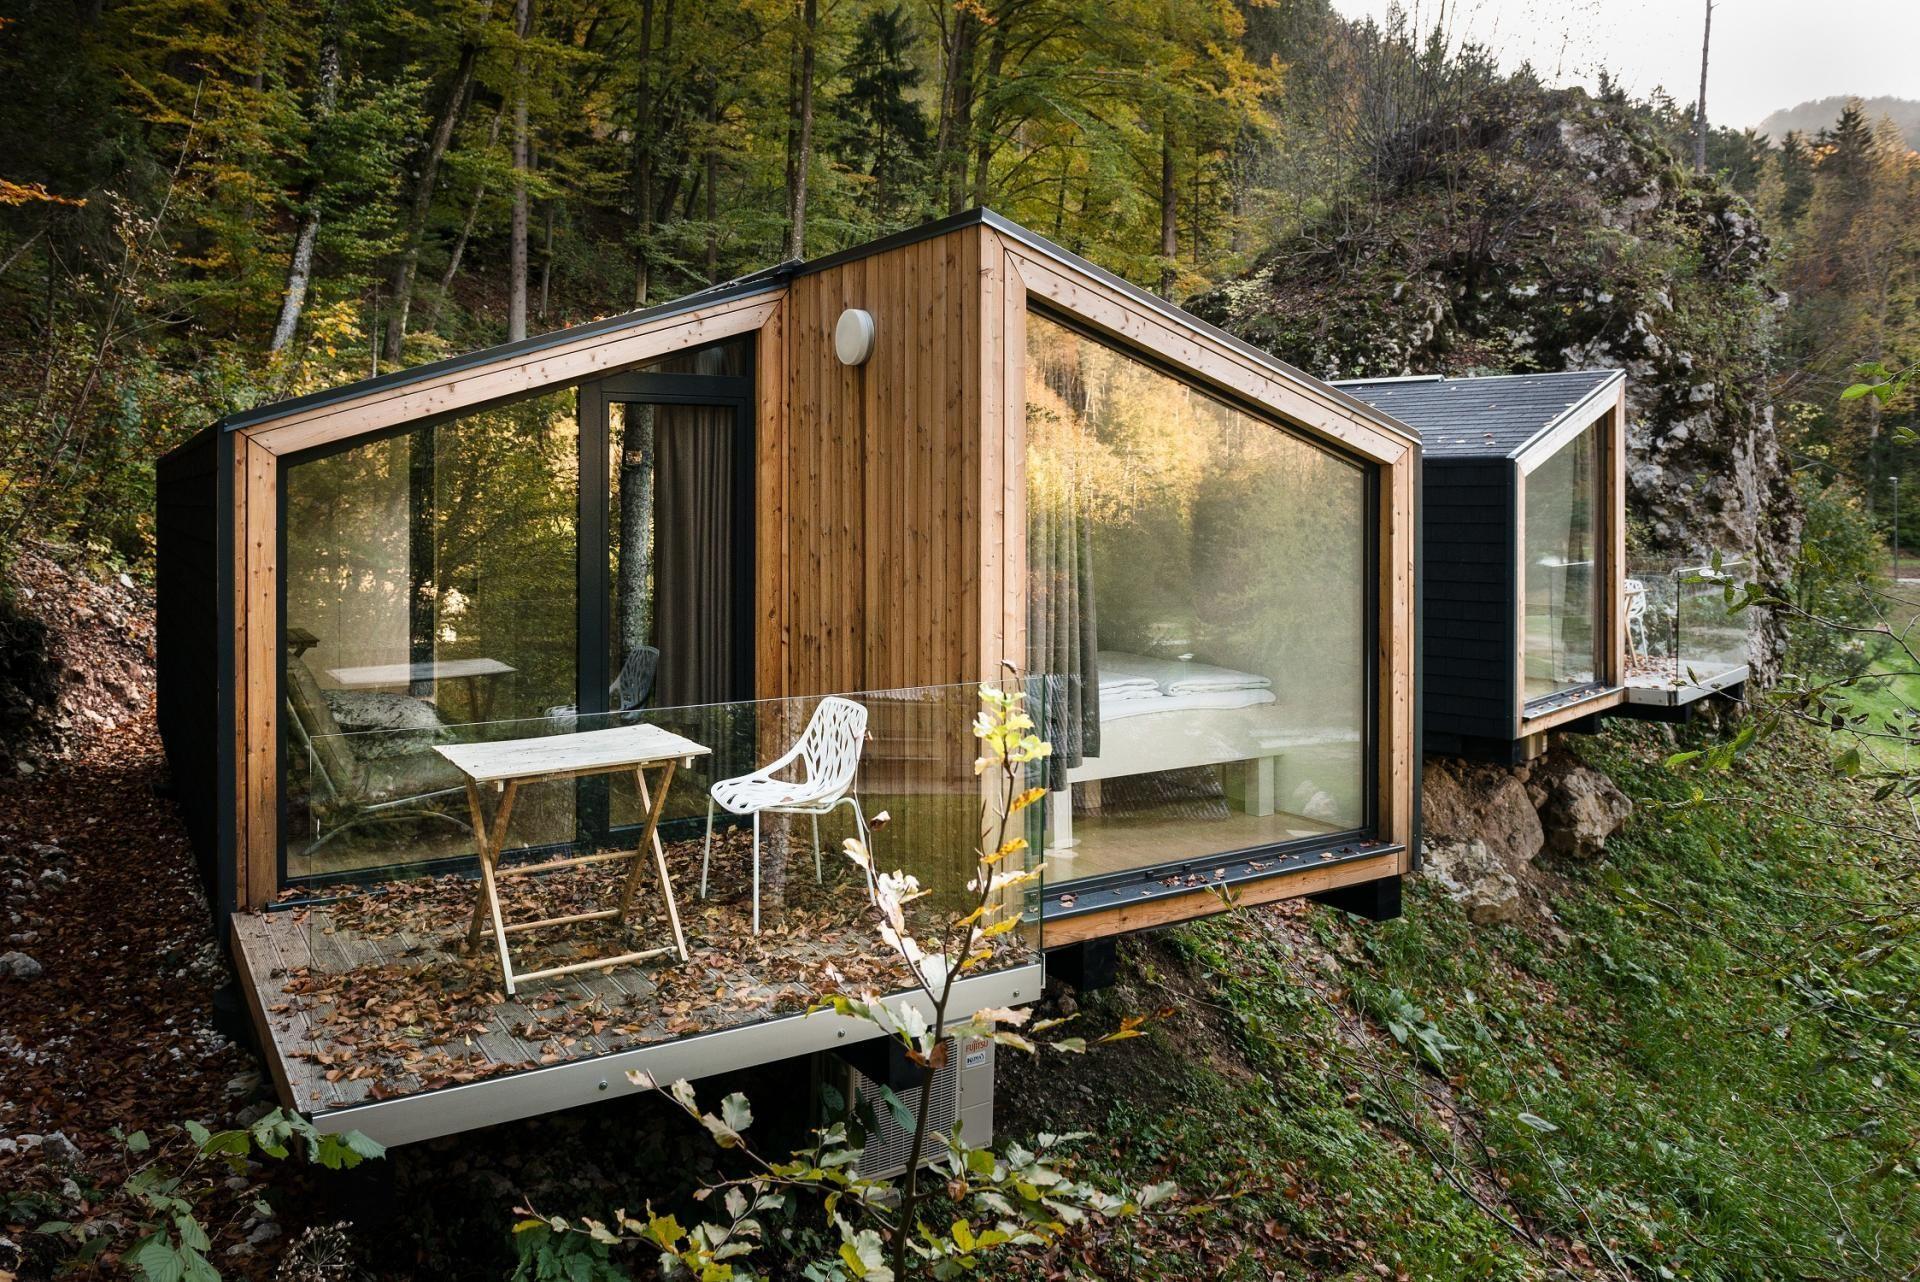 Cabane mini chalet montagne ekokoncept for 4 0 maison prefabriquee contemporaine ecologique en - Maison en kit ecologique ...